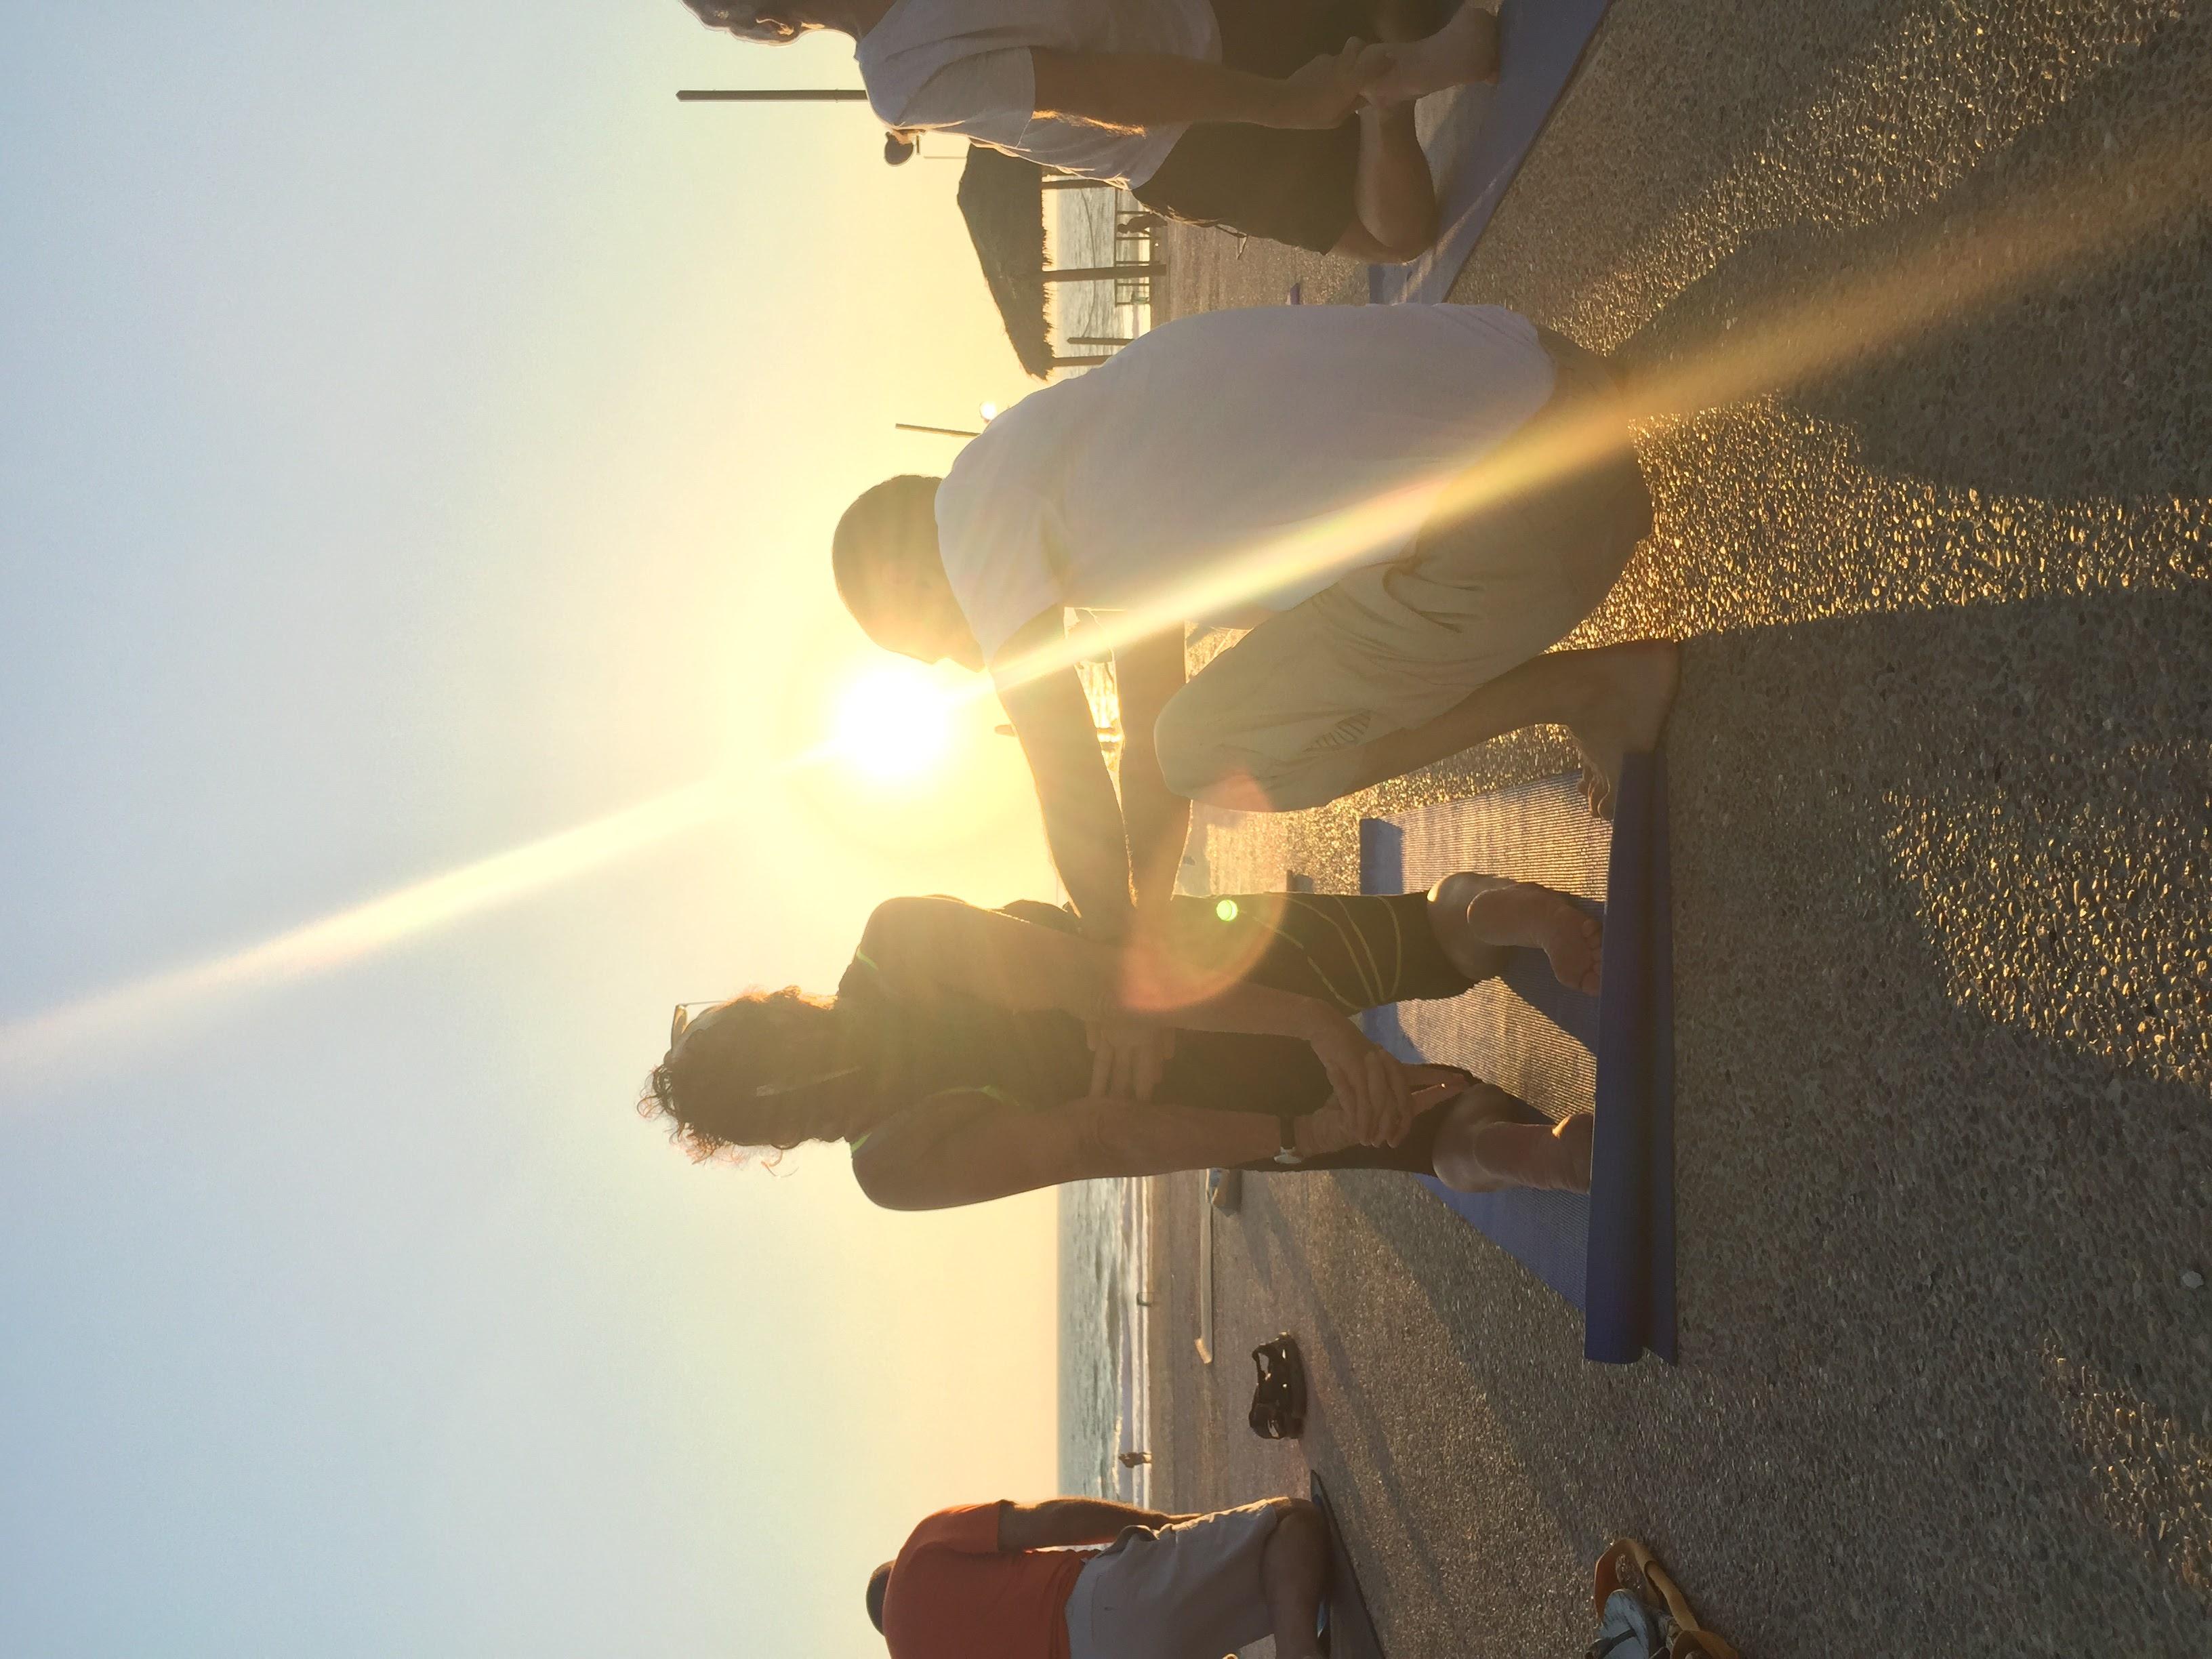 יוגה בשקיעה בחוף ראשון | נתי רכט